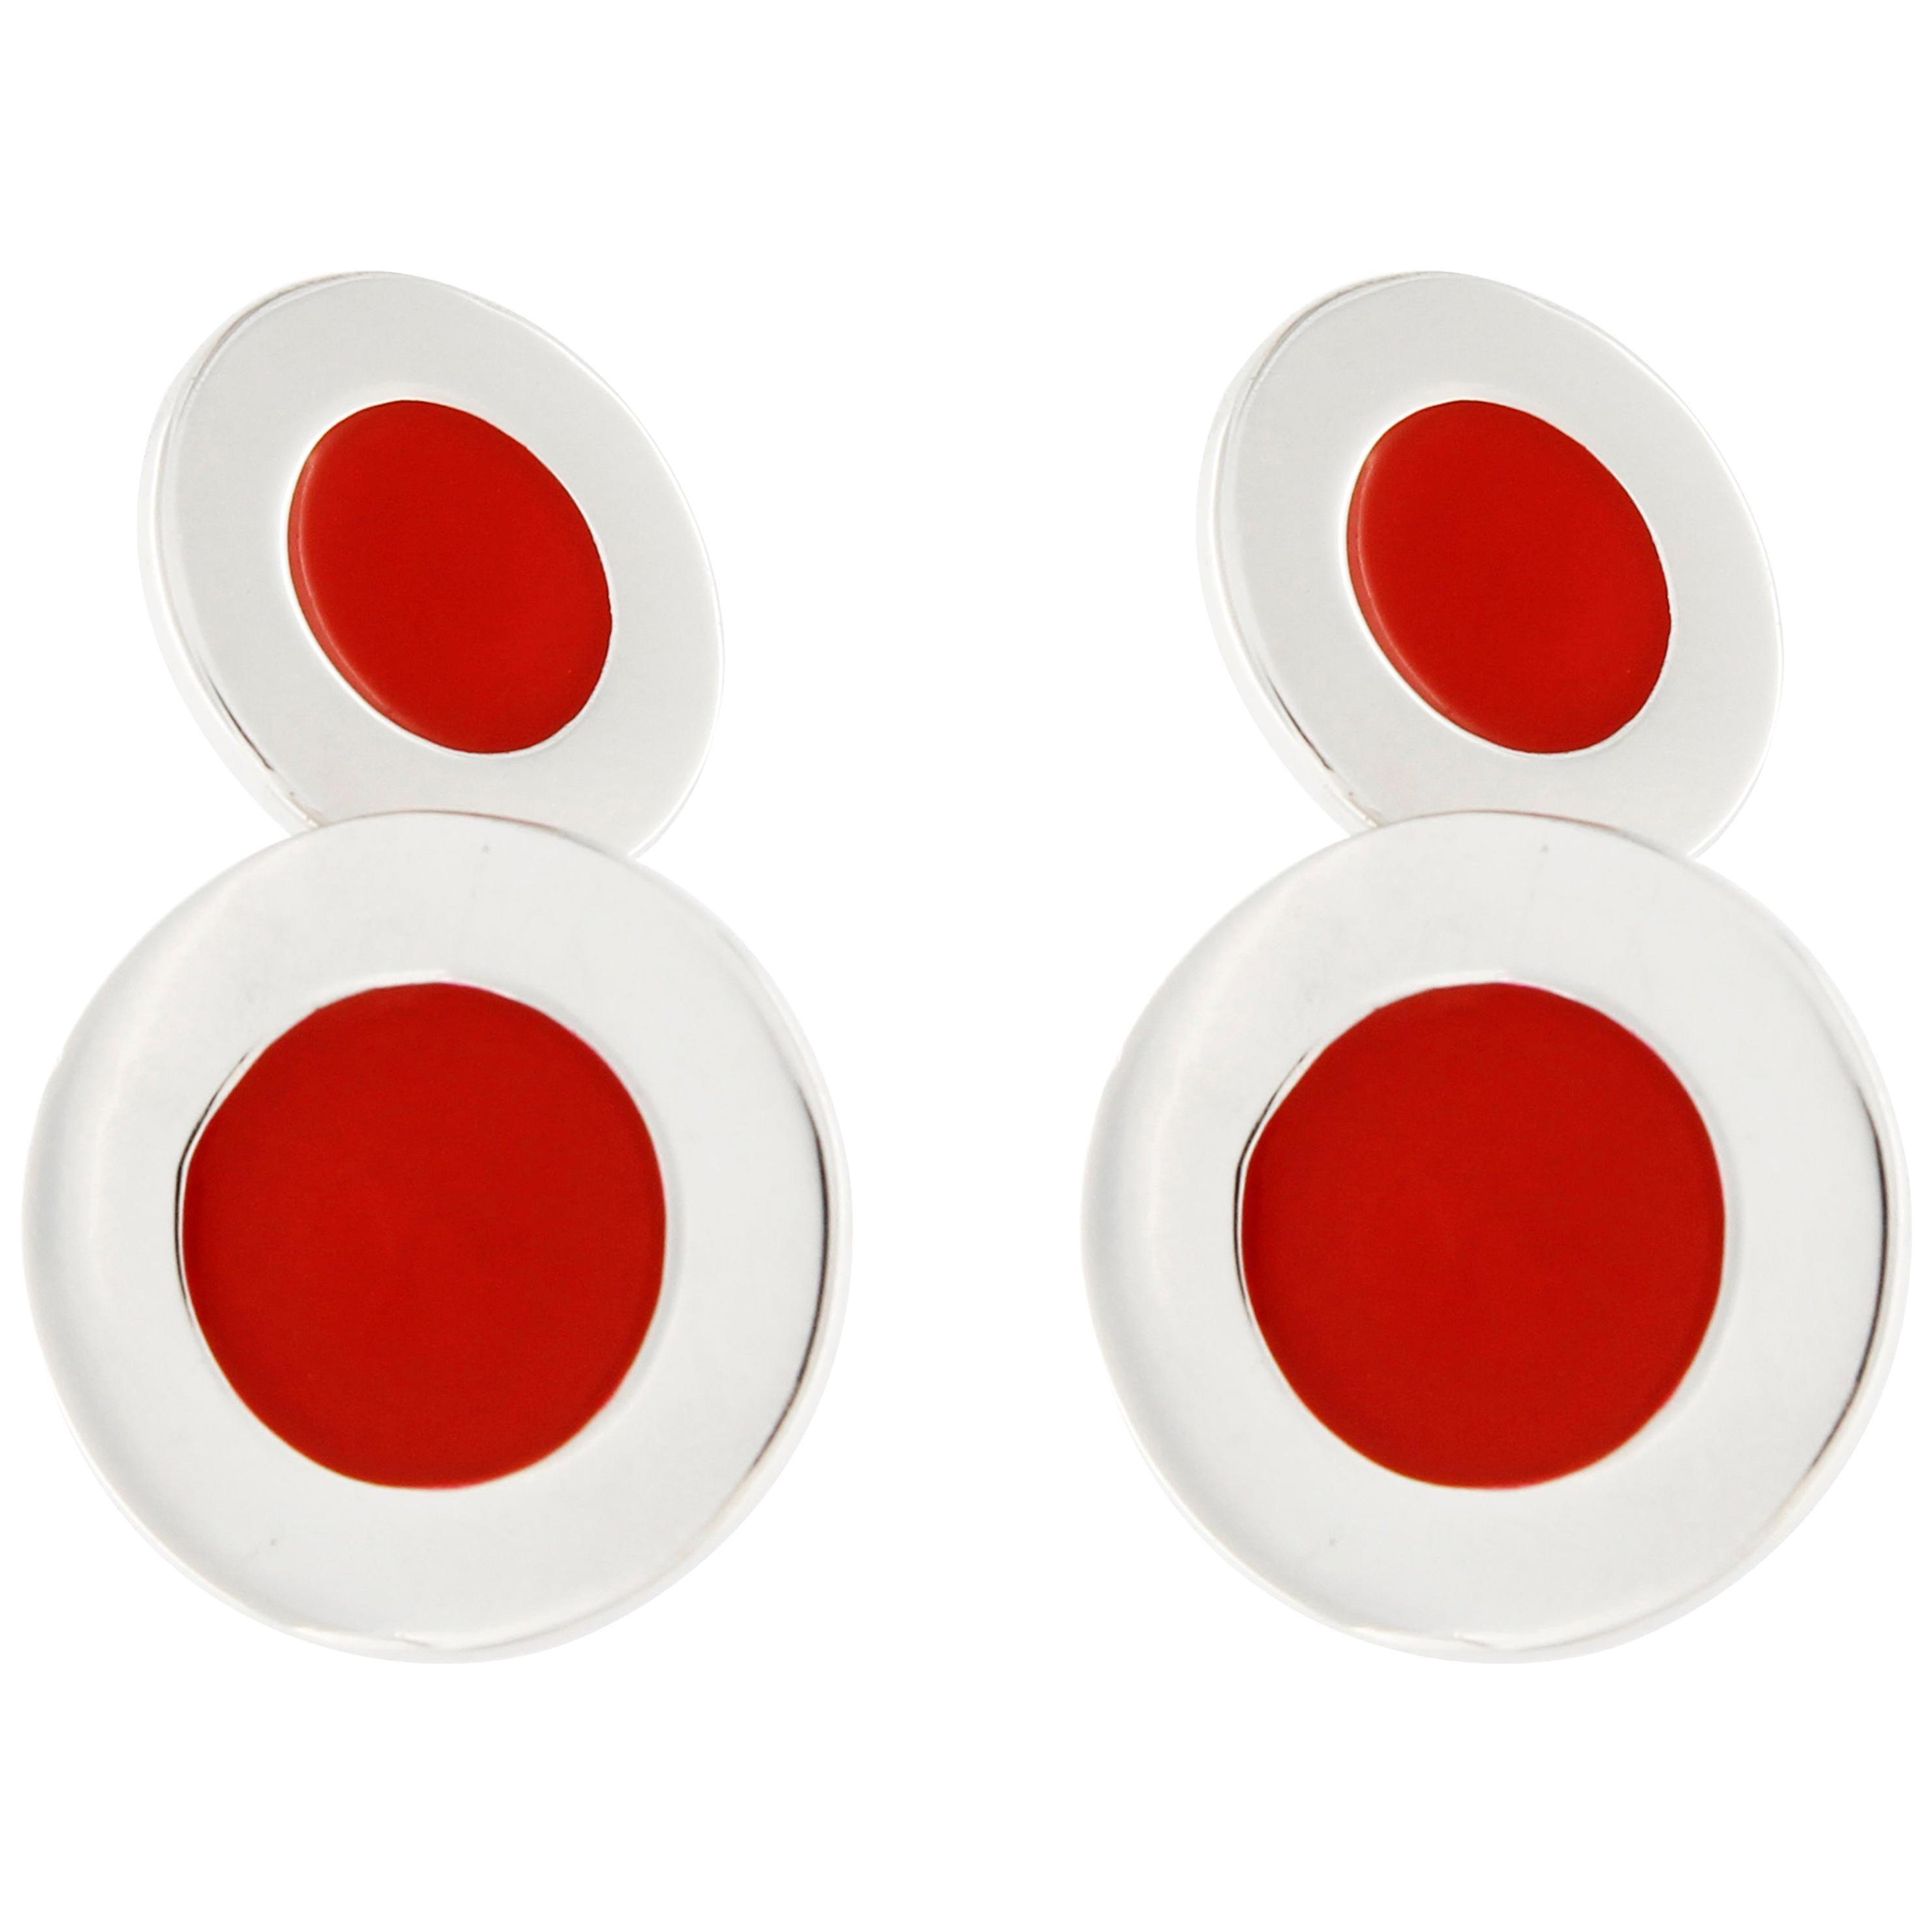 Jona Sterling Silver Red Enameled Cufflinks